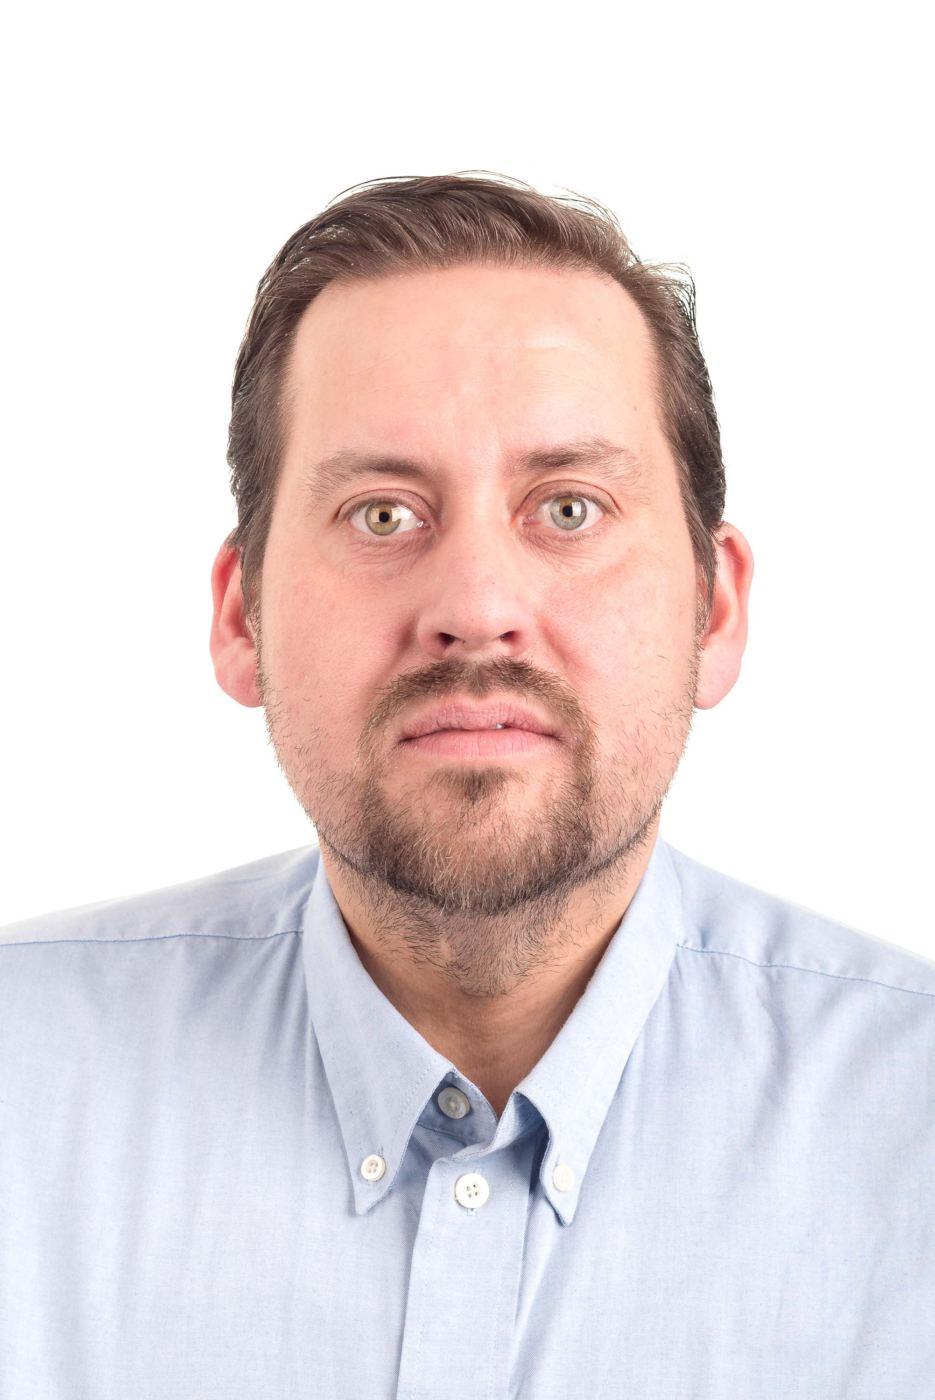 Daniel Engstrom Joswe